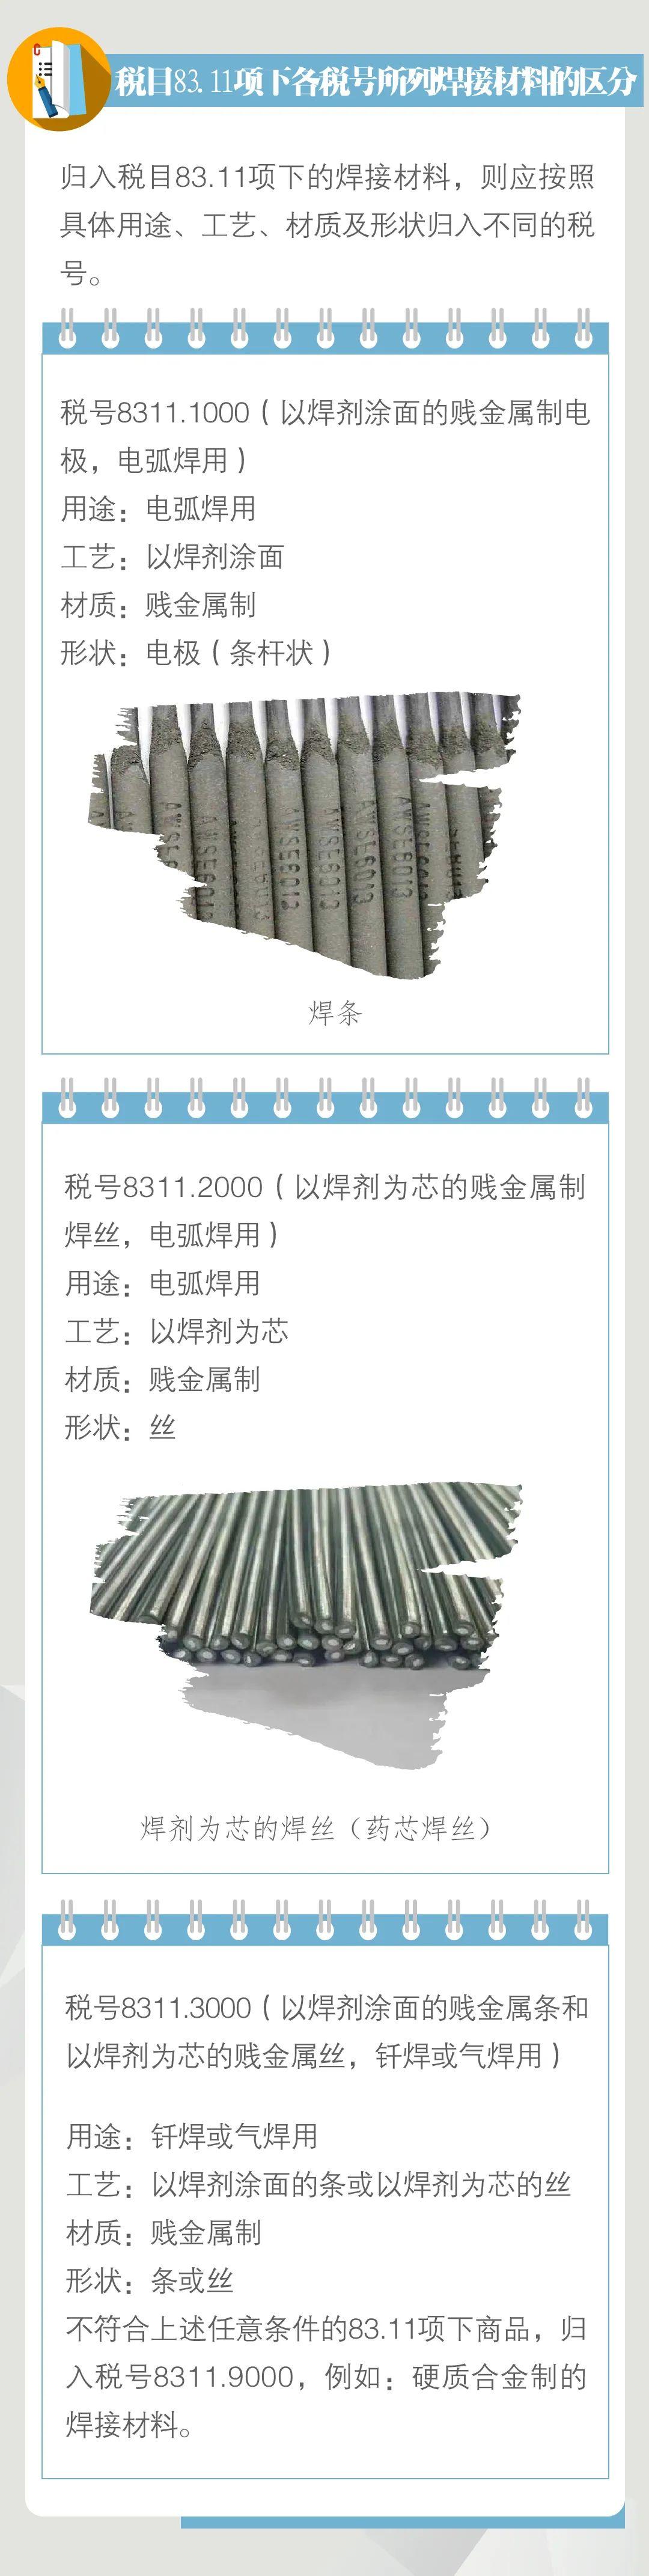 细说焊条等焊接材料的归类